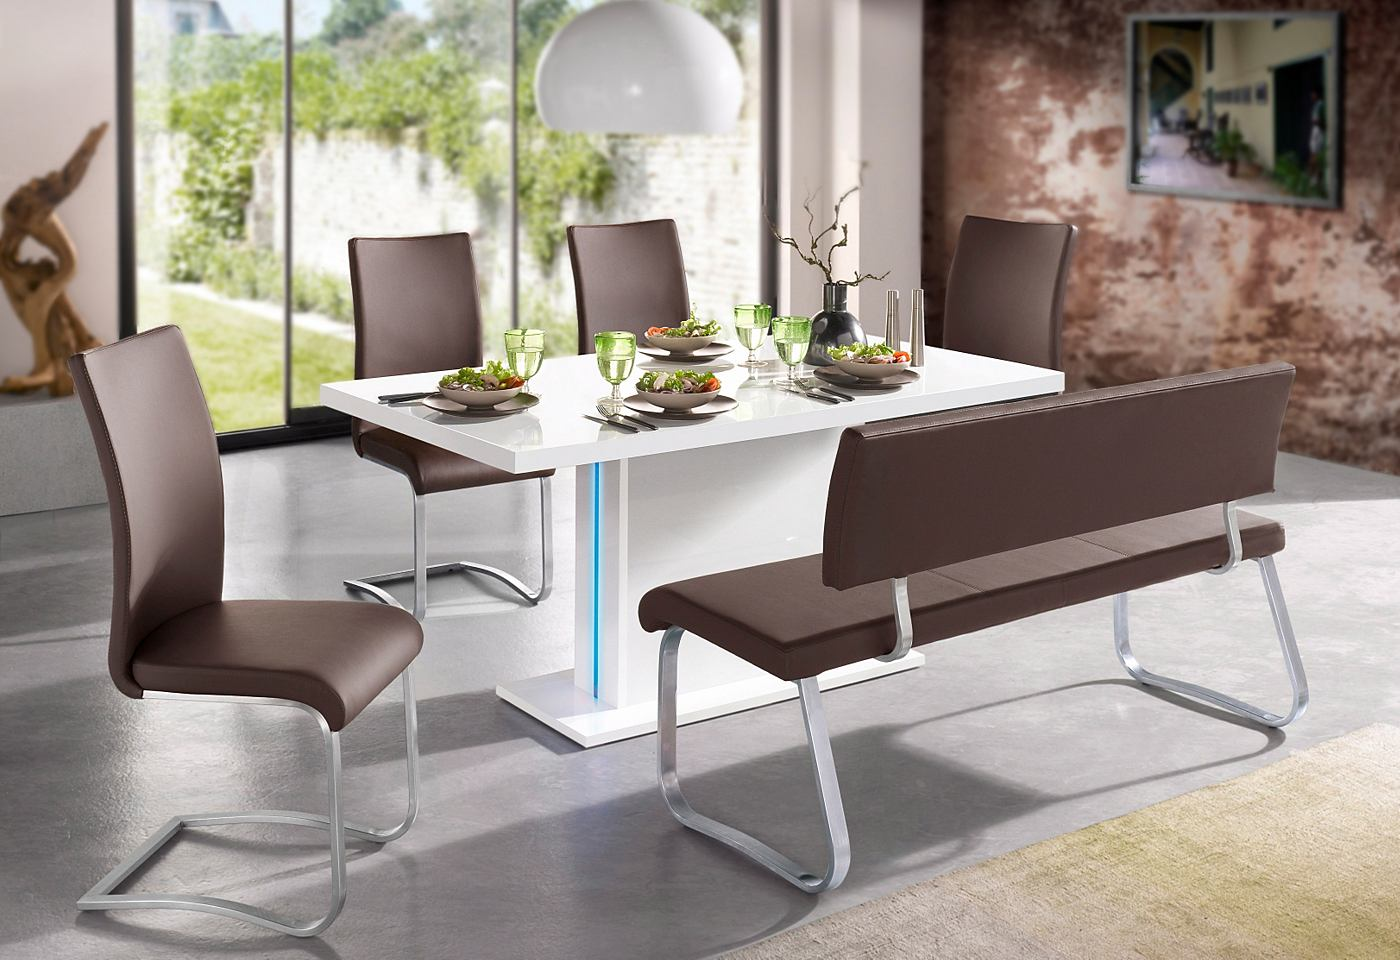 Interieurstyle.nl - bepaal je eigen woonstijl